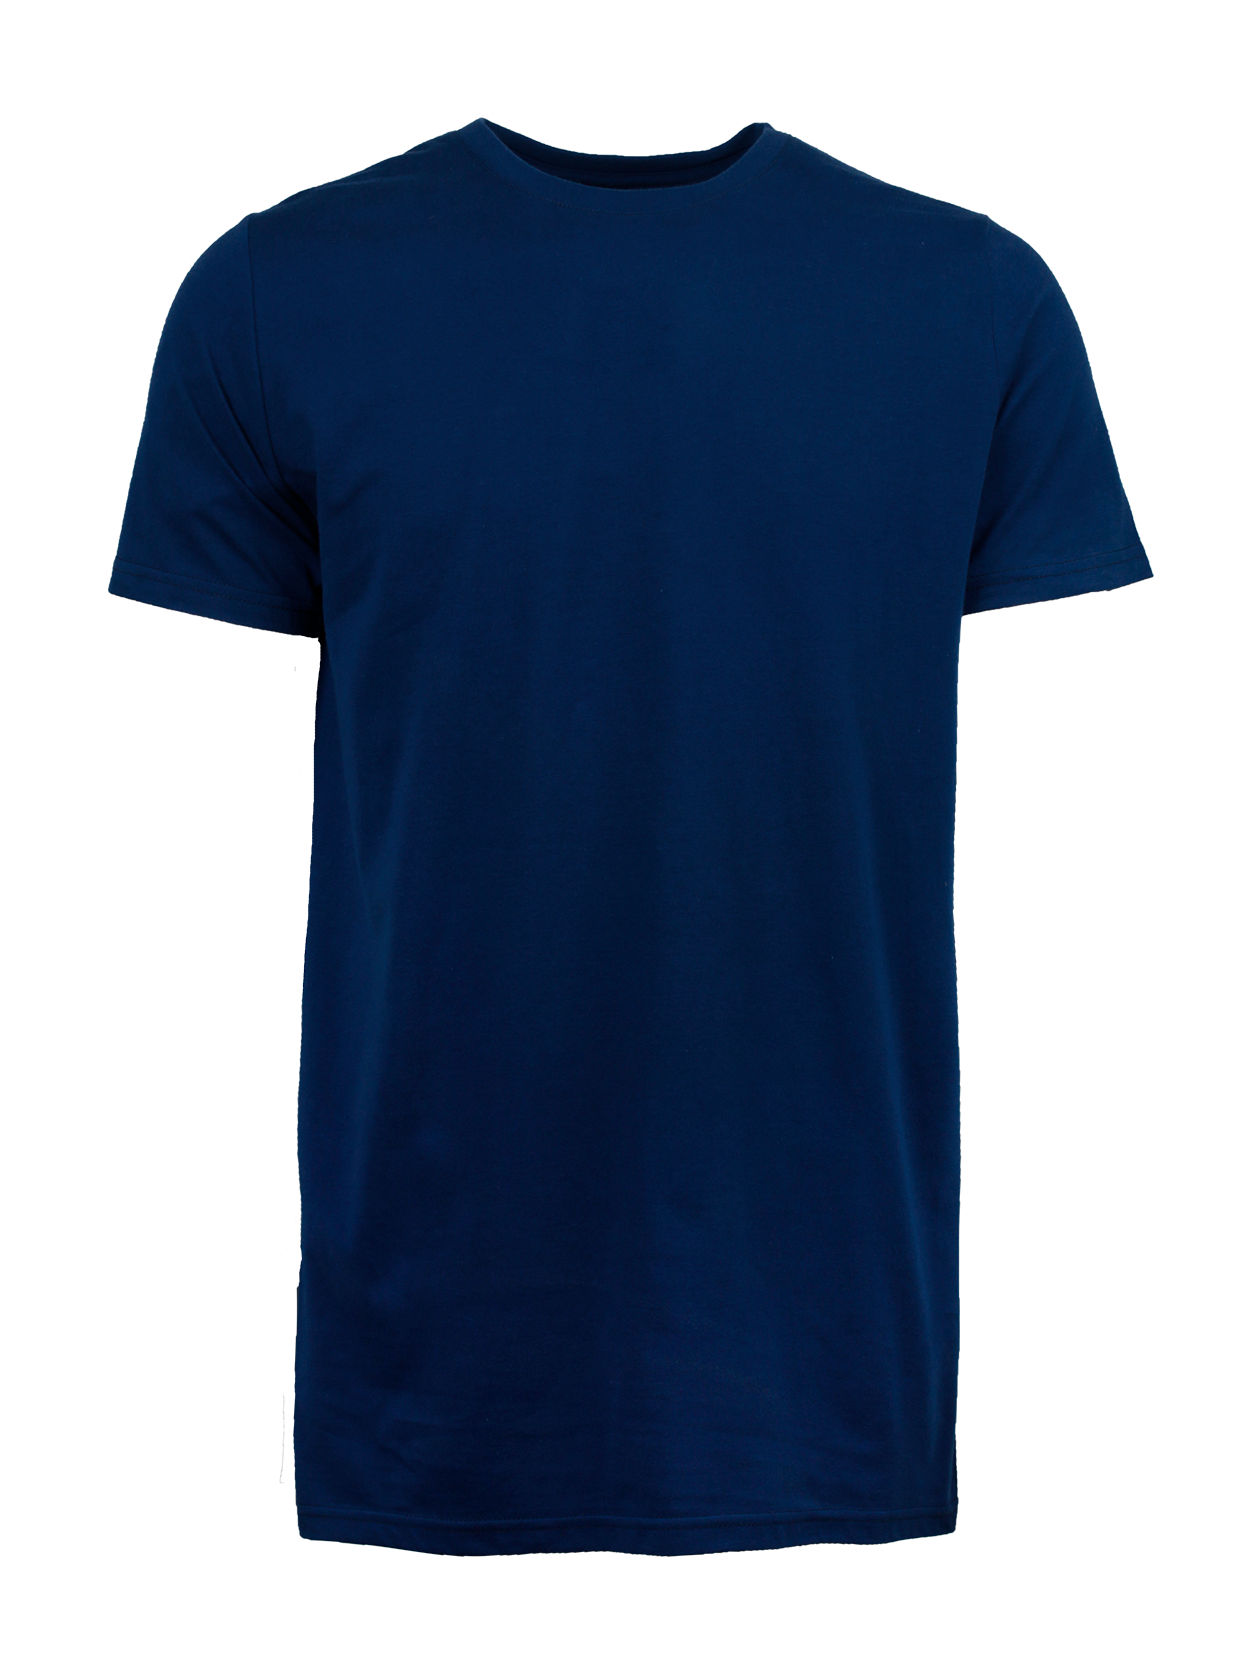 Футболка мужская UNIVERSITY 13Футболка мужская University 13 – стильное дополнение повседневного и спортивного лука. Лаконичный дизайн, универсальная темно-синяя расцветка. Крой традиционный прямой, свободный. Небольшой рукав, округлая горловина с фирменной нашивкой Black Star Wear внутри. Модель создана из люксового натурального хлопка, обеспечивающего безупречное качество вещи. Яркий акцент дизайна футболки – крупная надпись на спине Black Star 13 белым цветом с эффектом намазанной краски.<br><br>Размер: XXS<br>Цвет: Синий<br>Пол: Мужской